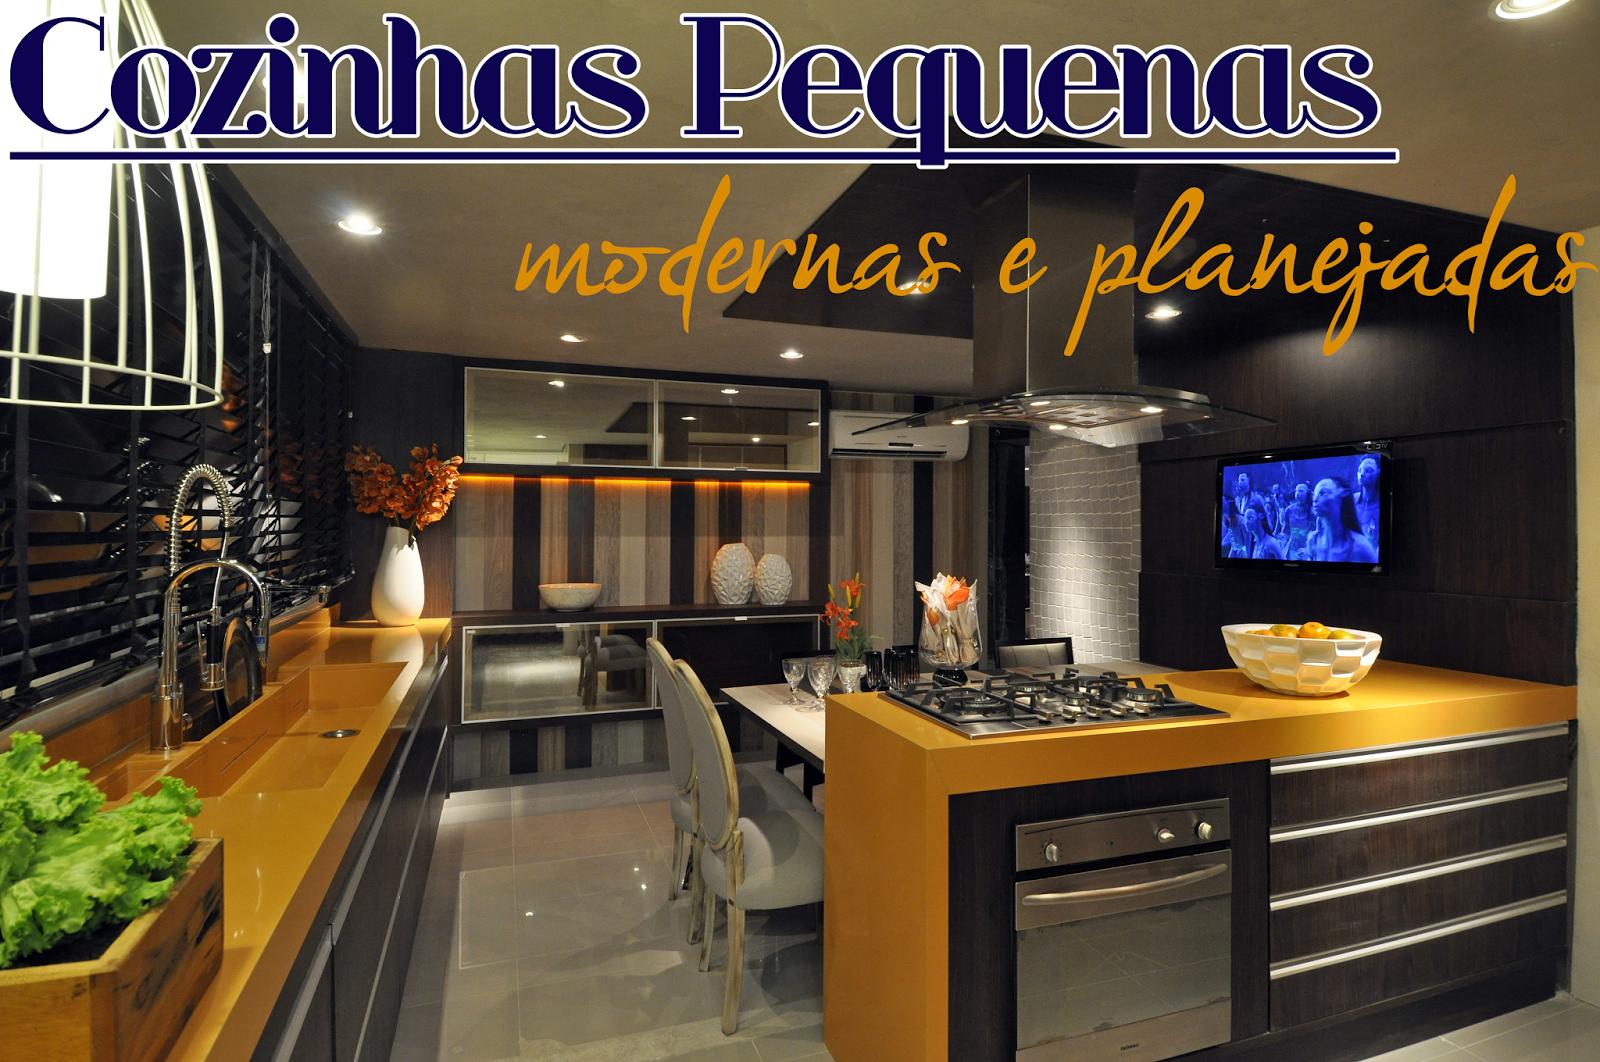 #B67B15  de cozinhas simples decoraçao de cozinhas simples e pequenas 1600x1062 px Decoração De Cozinha Simples_130 Imagens